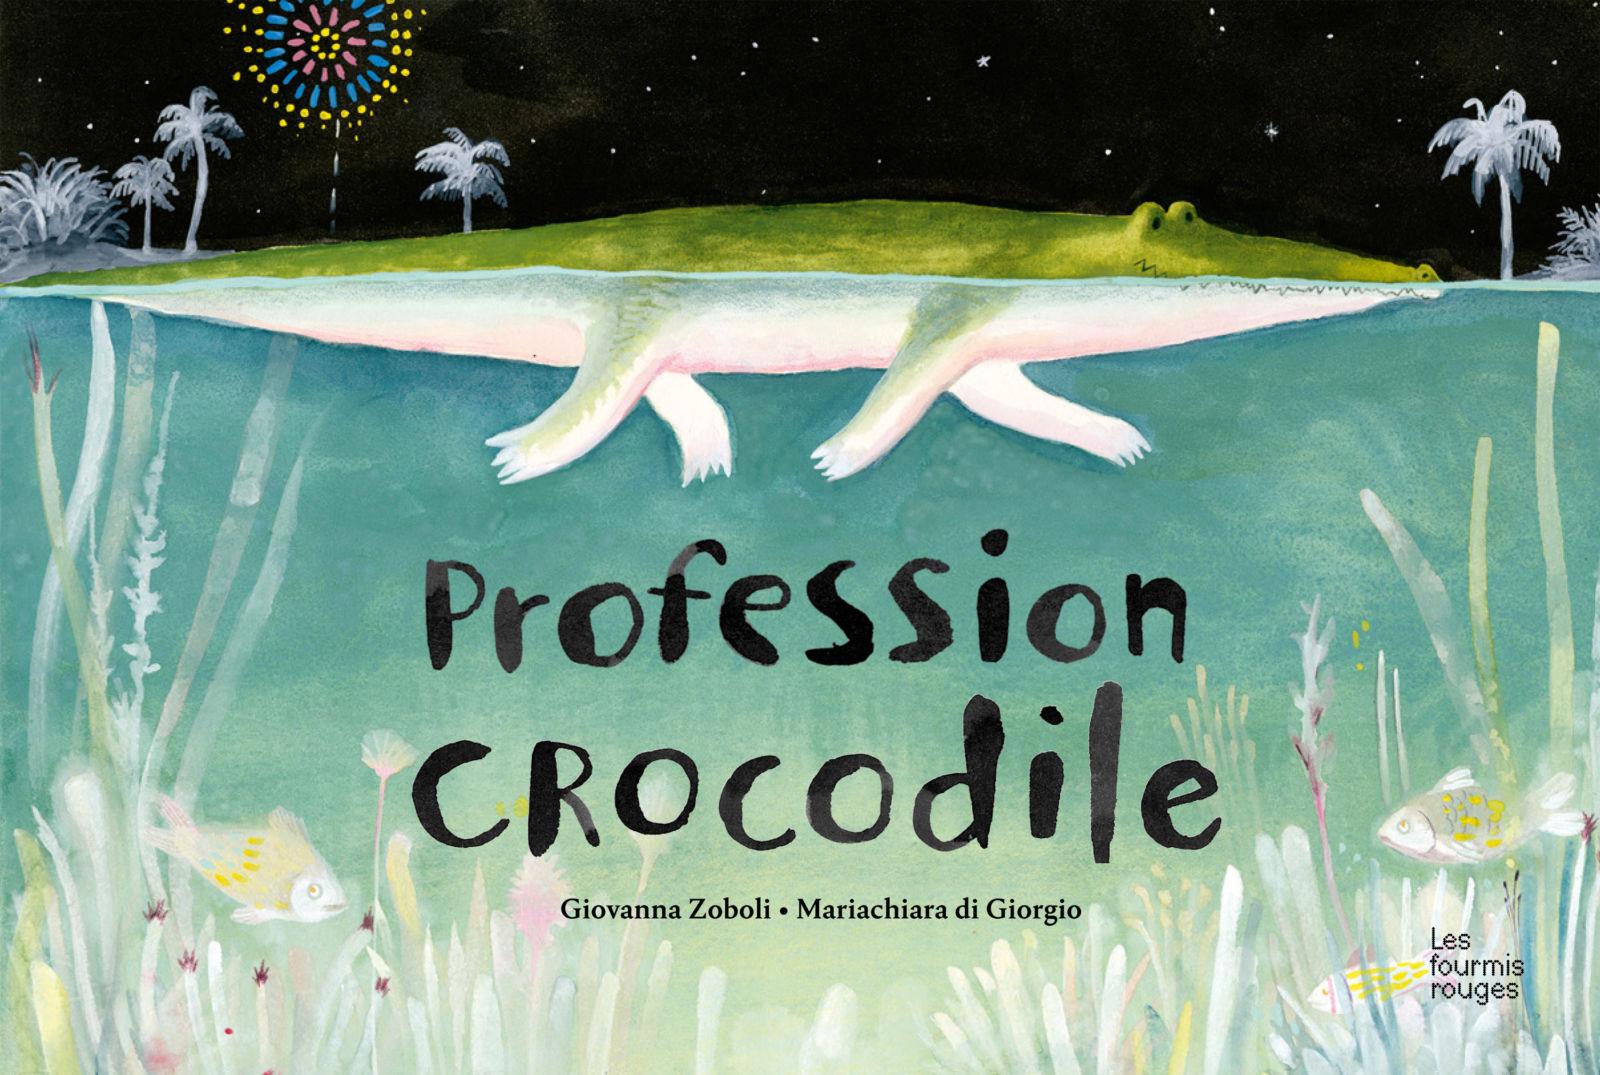 Profession crocodile (Giovanna Zoboli et Mariachiara di Giorgio)